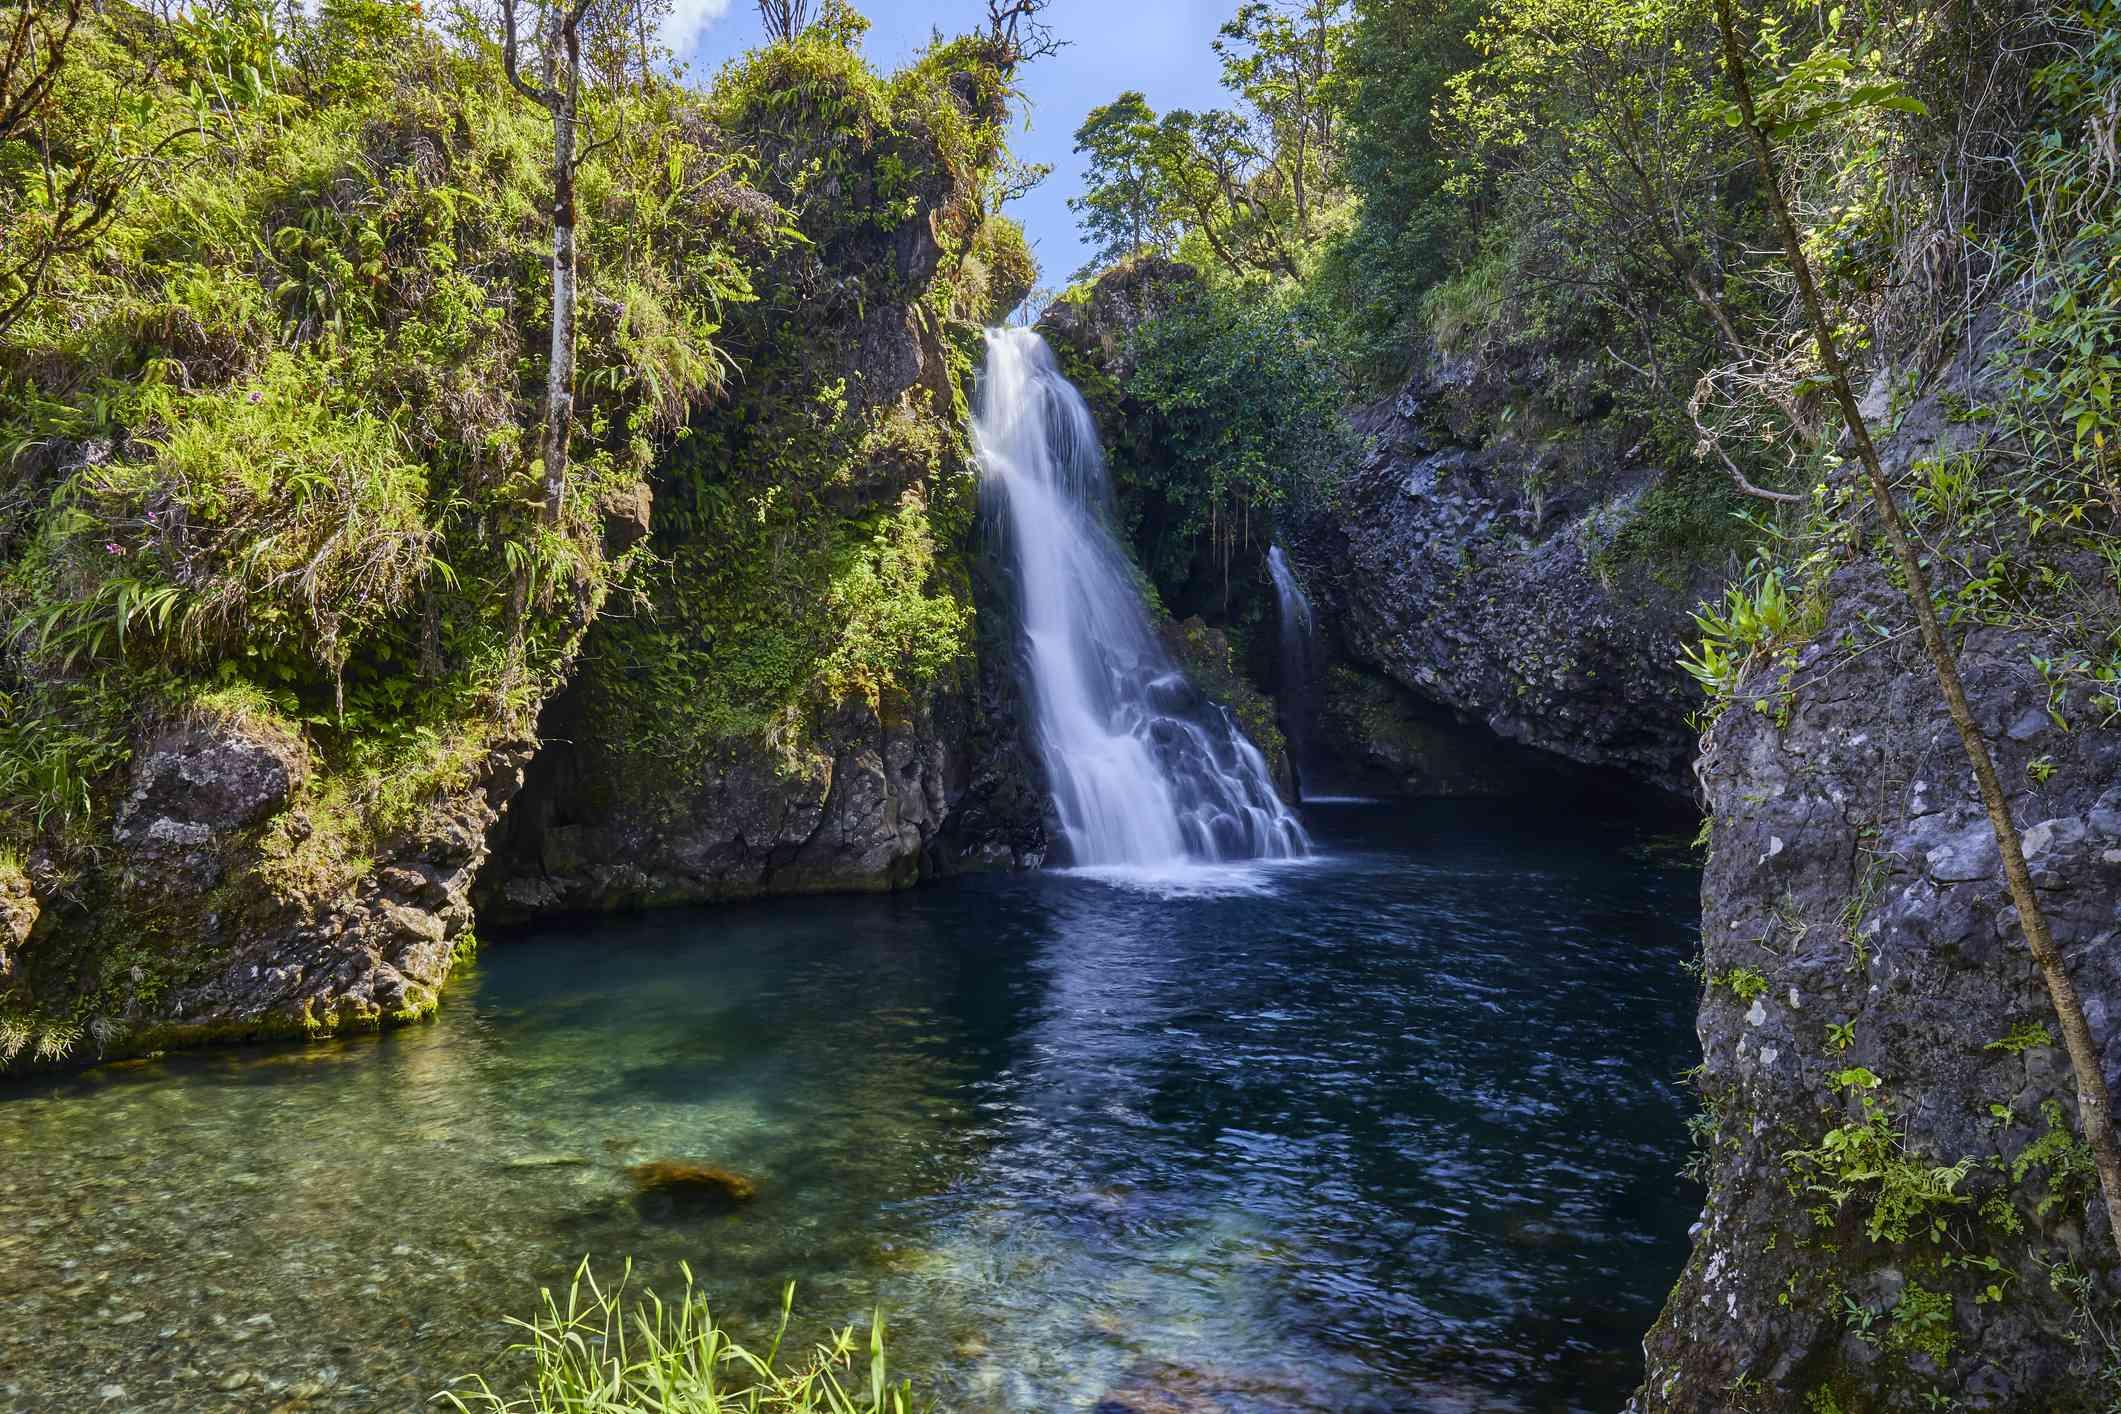 Hanawi falls,Road to Hana,Hana,Maui,Hawaii,USA